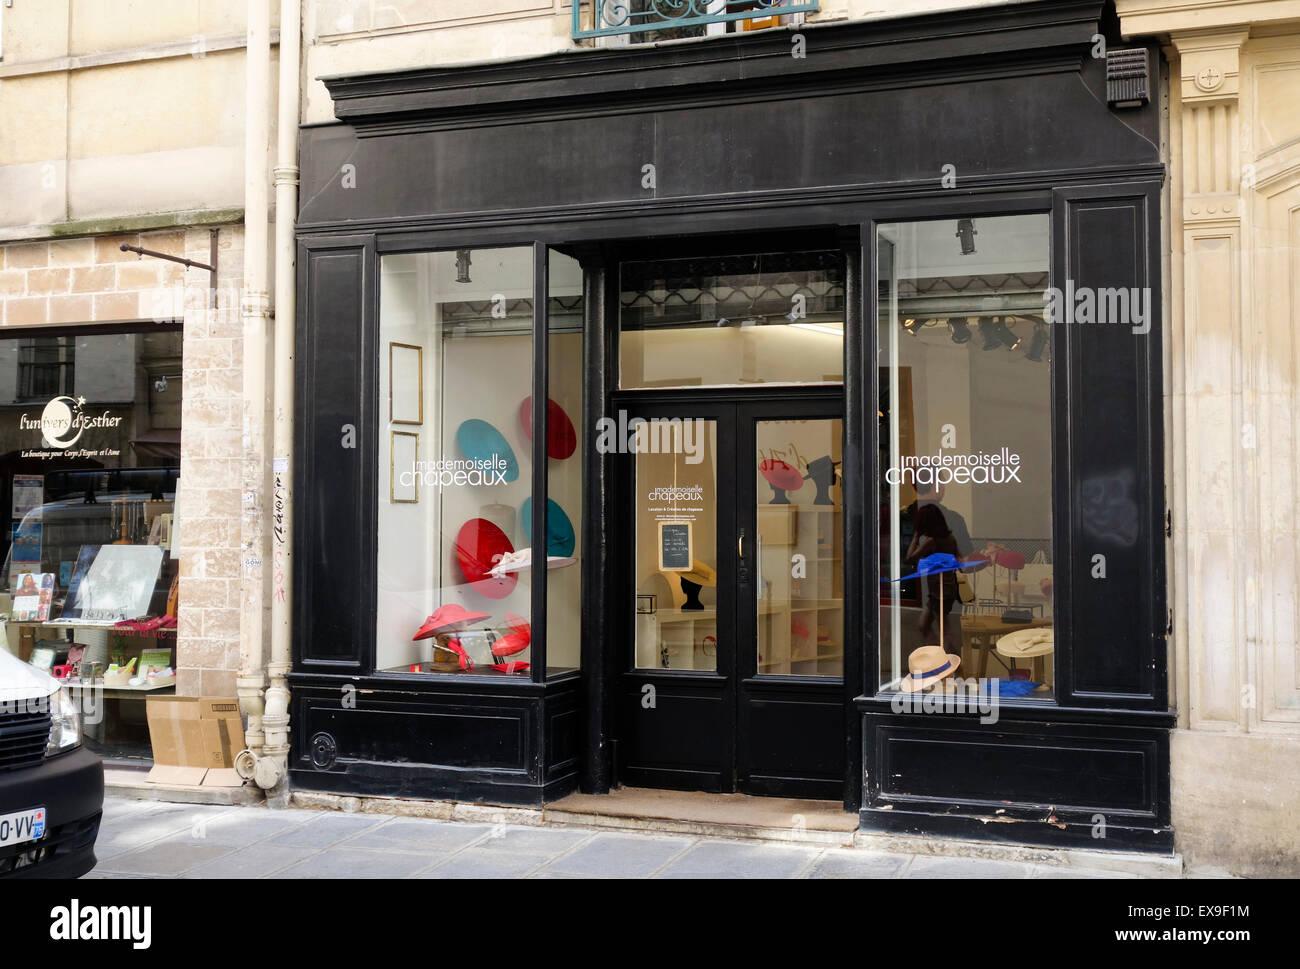 d3bea60827cc4 Boutique shop Mademoiselle chapeau, Hats & Chapeaux, Paris France ...